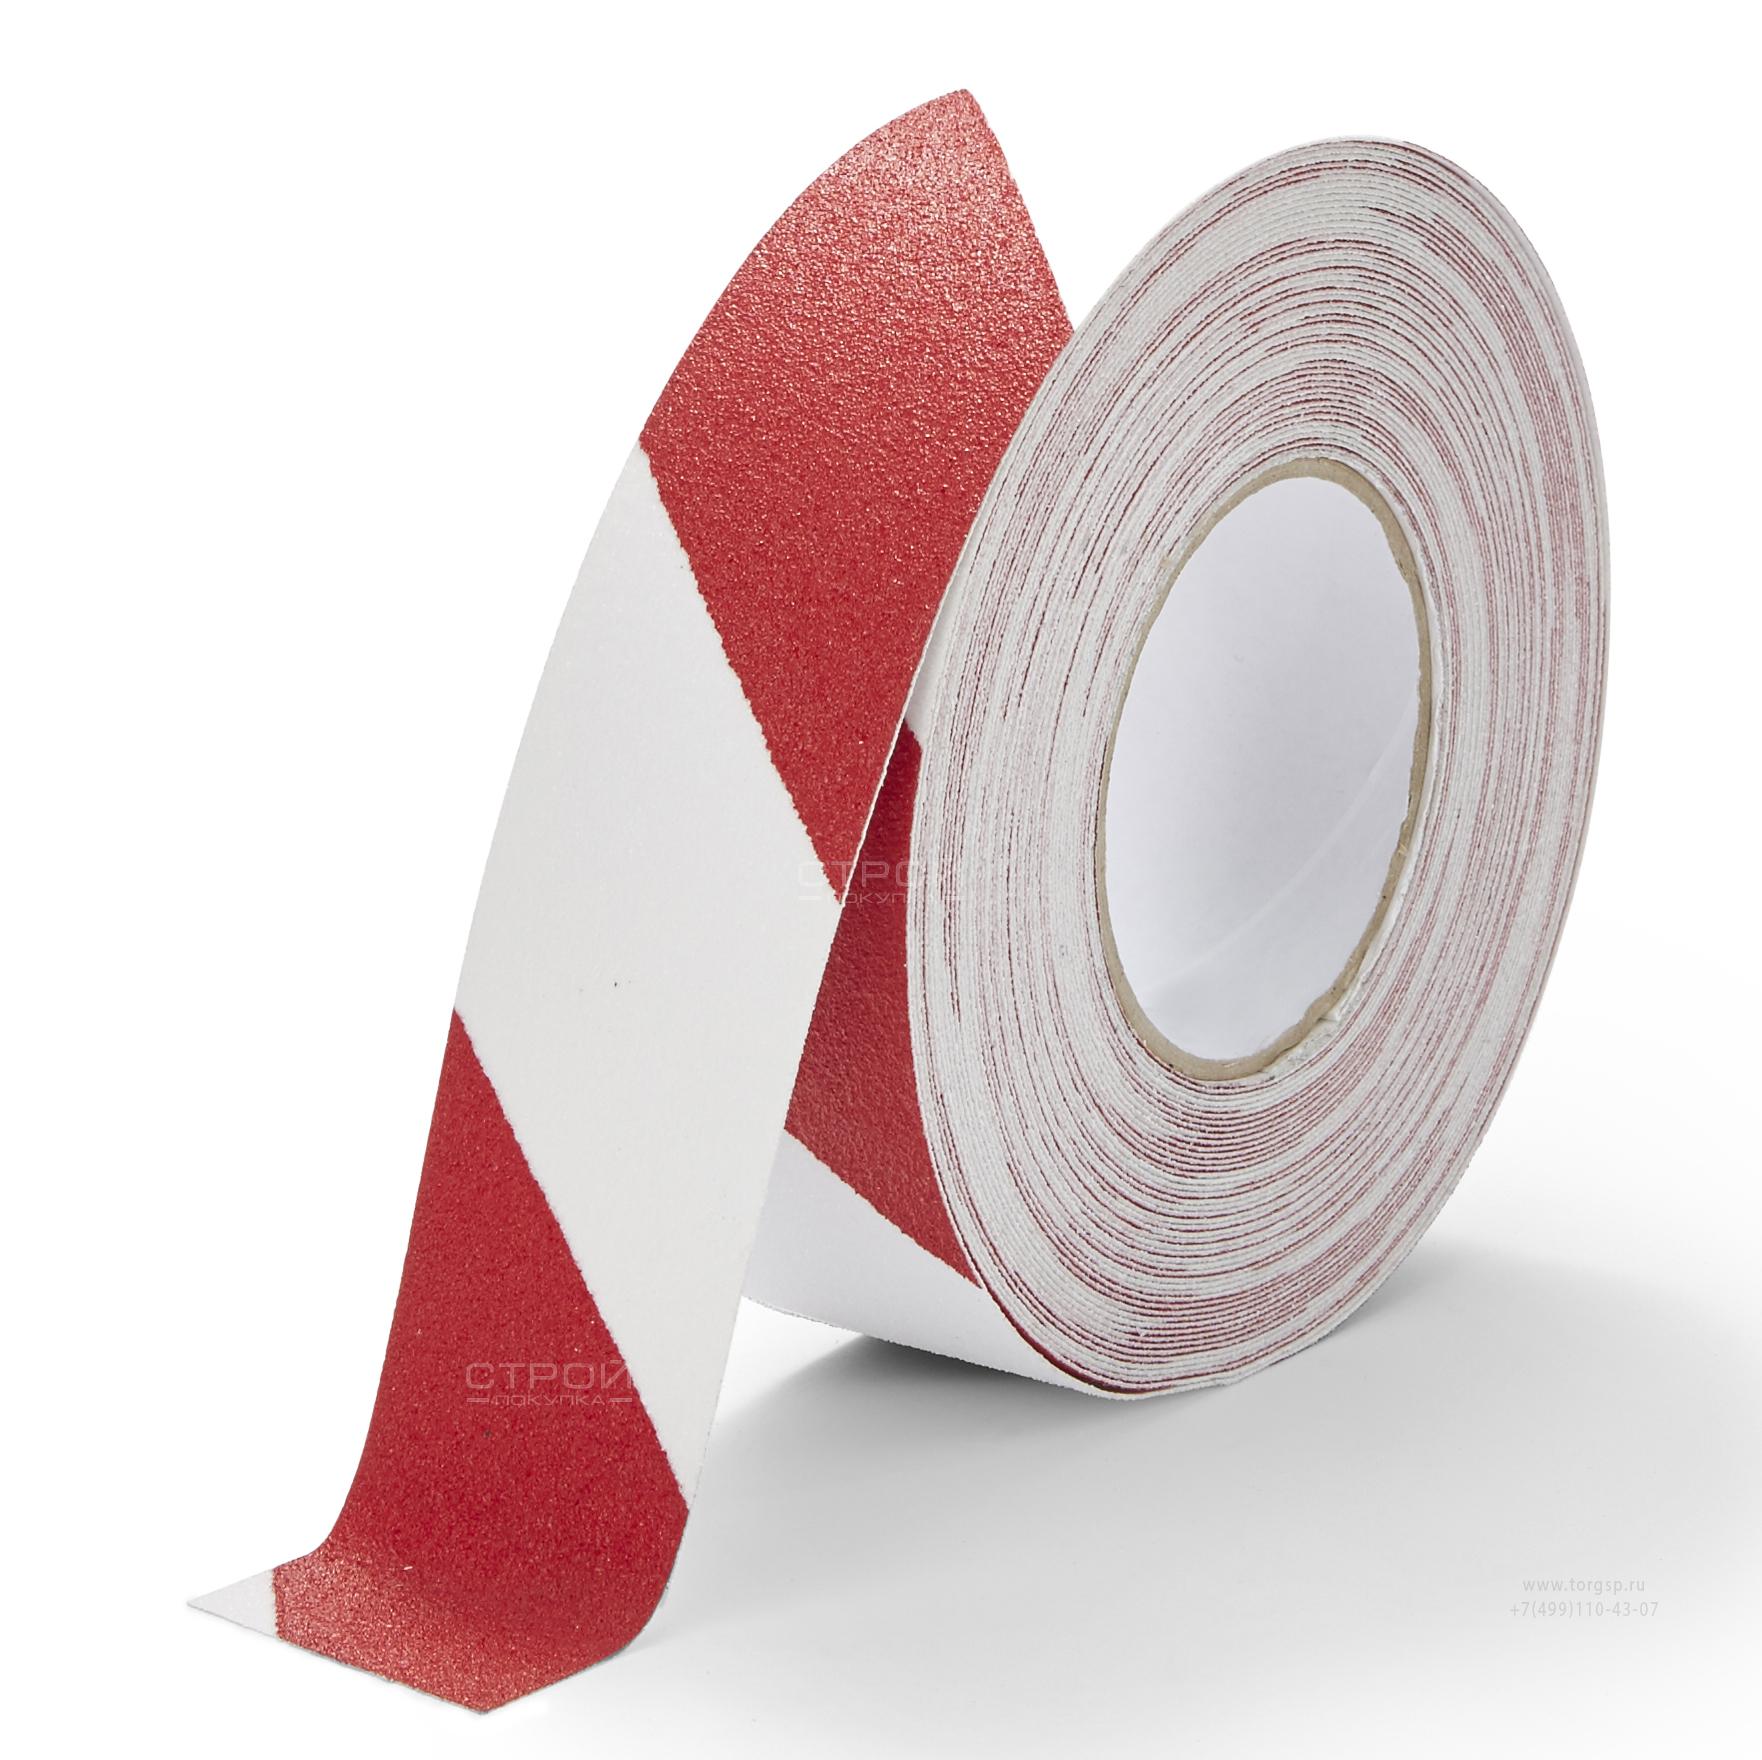 Лента Heskins самоклеющаяся красно-белая с абразивной поверхностью против скольжения, ширина 5 см